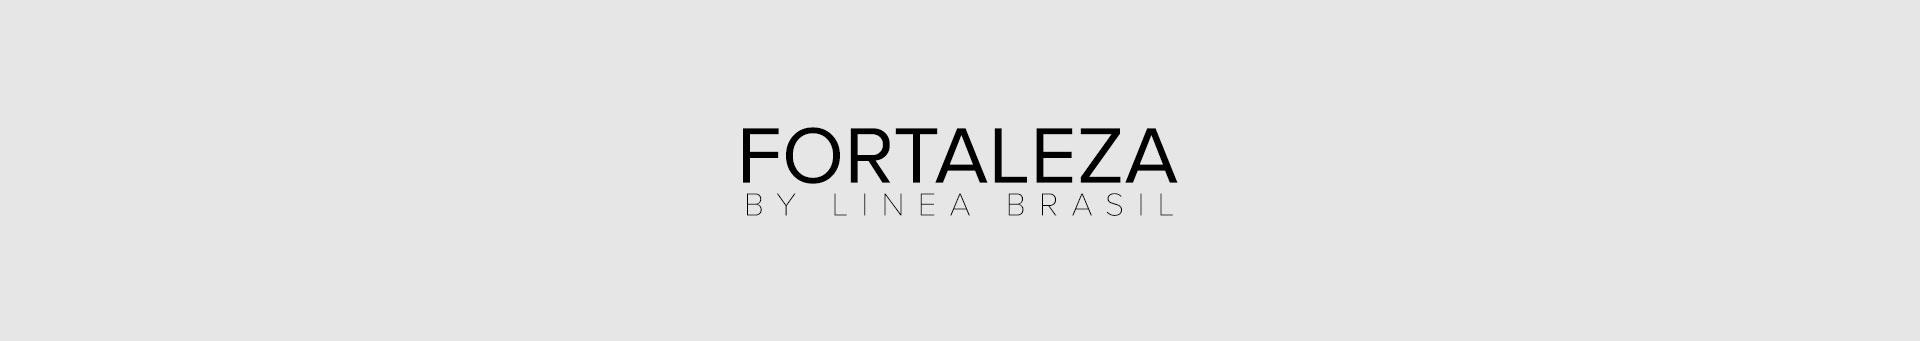 Painel para TV Fortaleza